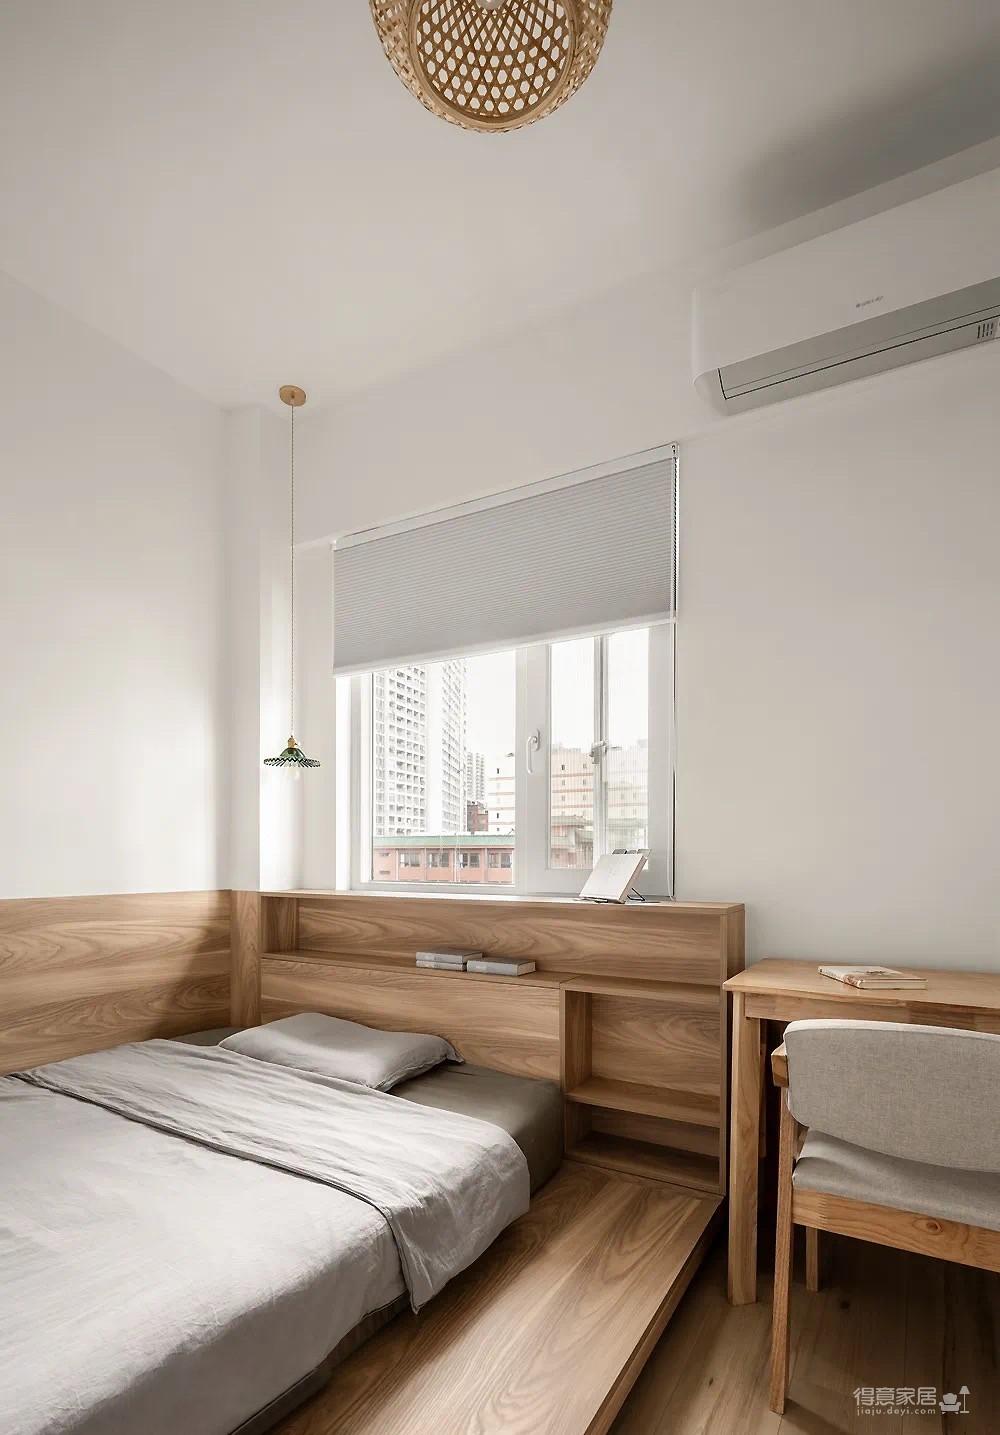 62㎡舒适北欧2室1厅,高颜值隔断强势入镜!